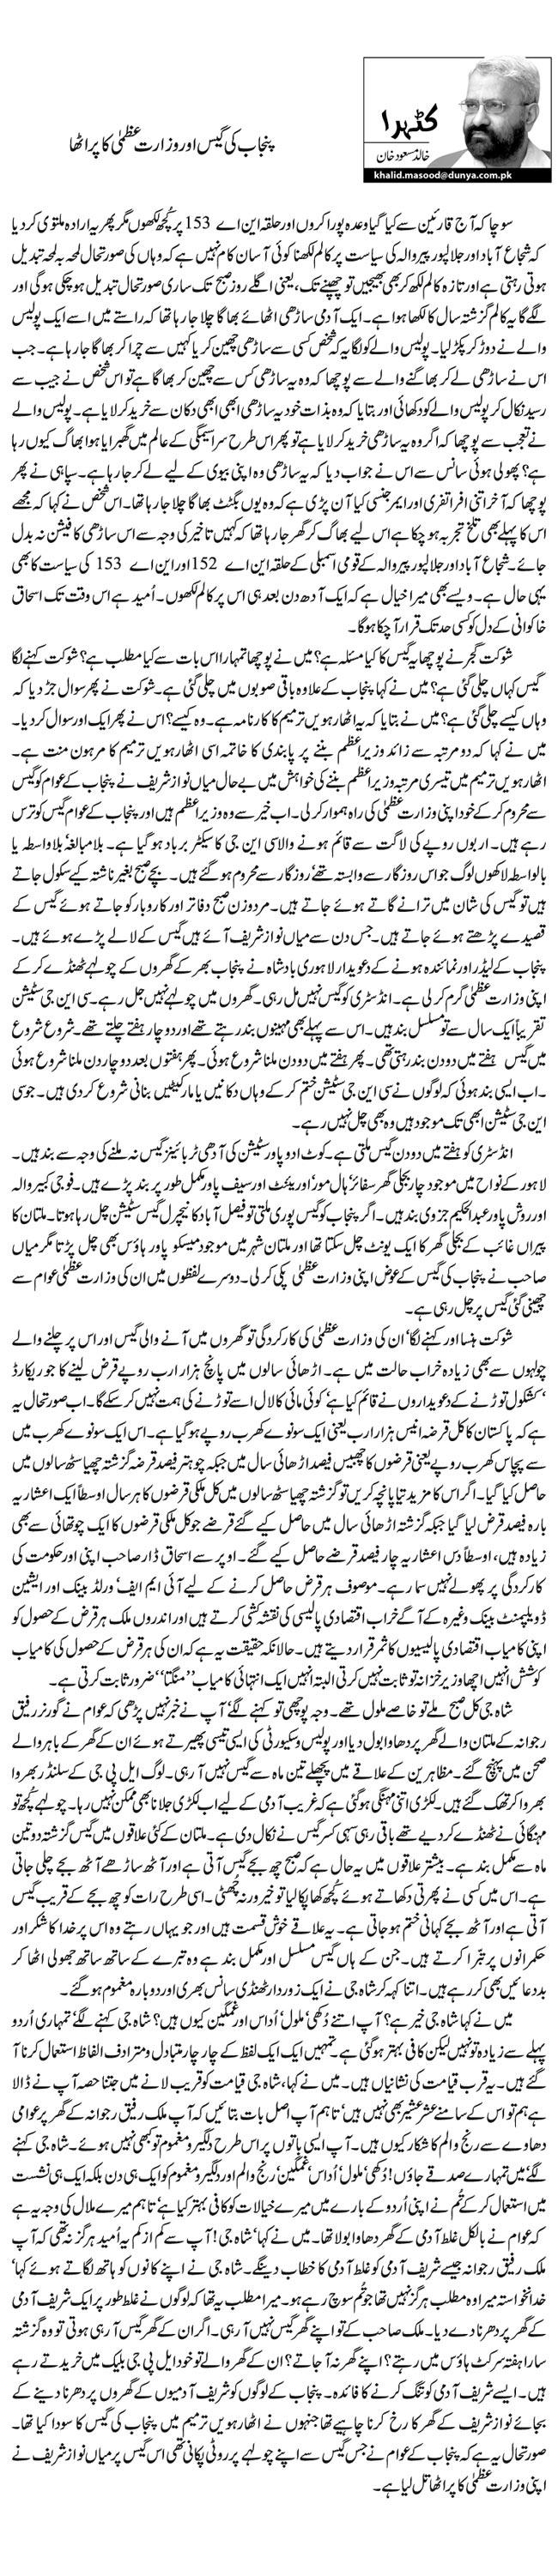 پنجاب کی گیس اور وزارت عظمیٰ کا پراٹھا